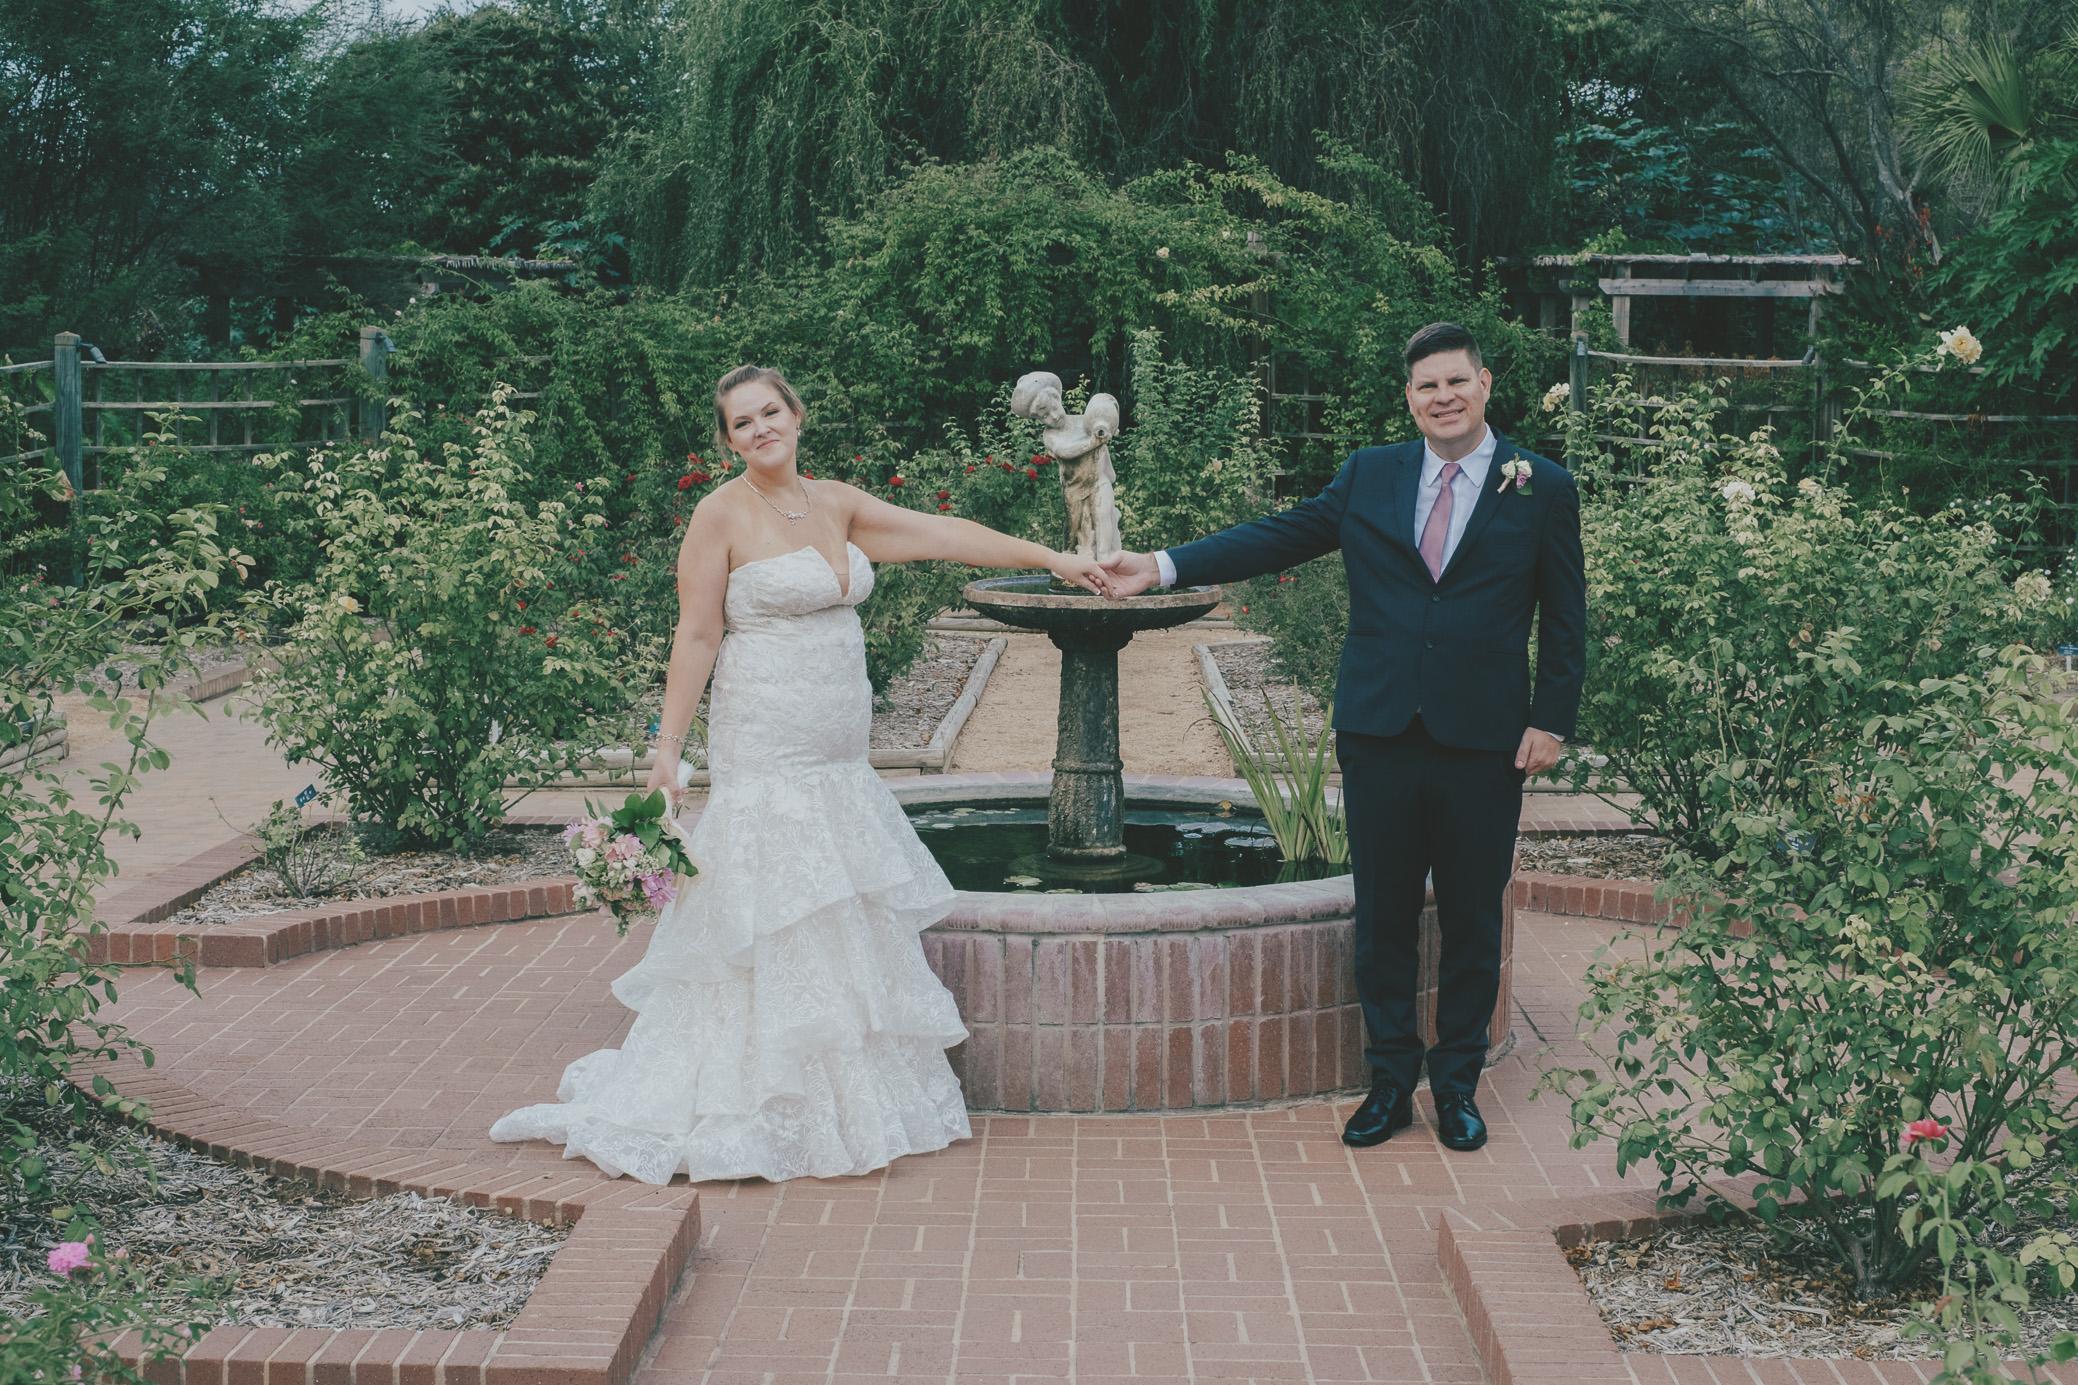 San Antonio Botanical Garden Wedding Photos Texas